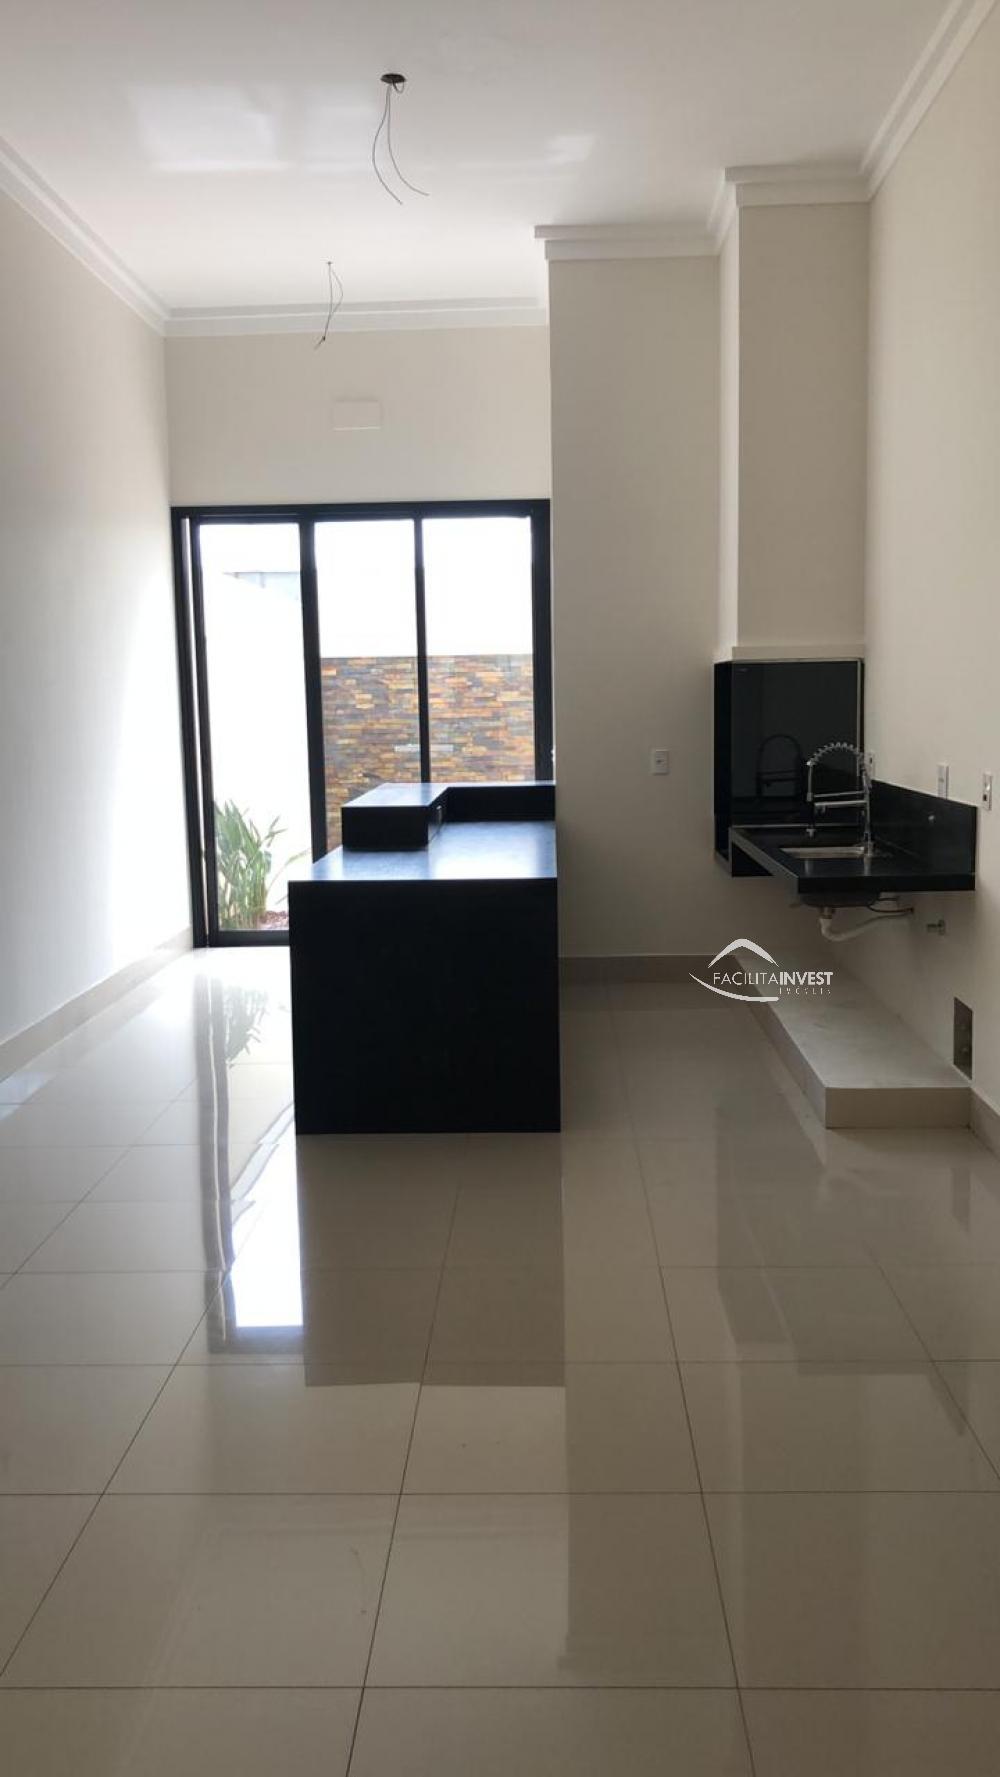 Comprar Casa Condomínio / Casa Condomínio em Ribeirão Preto apenas R$ 790.000,00 - Foto 3